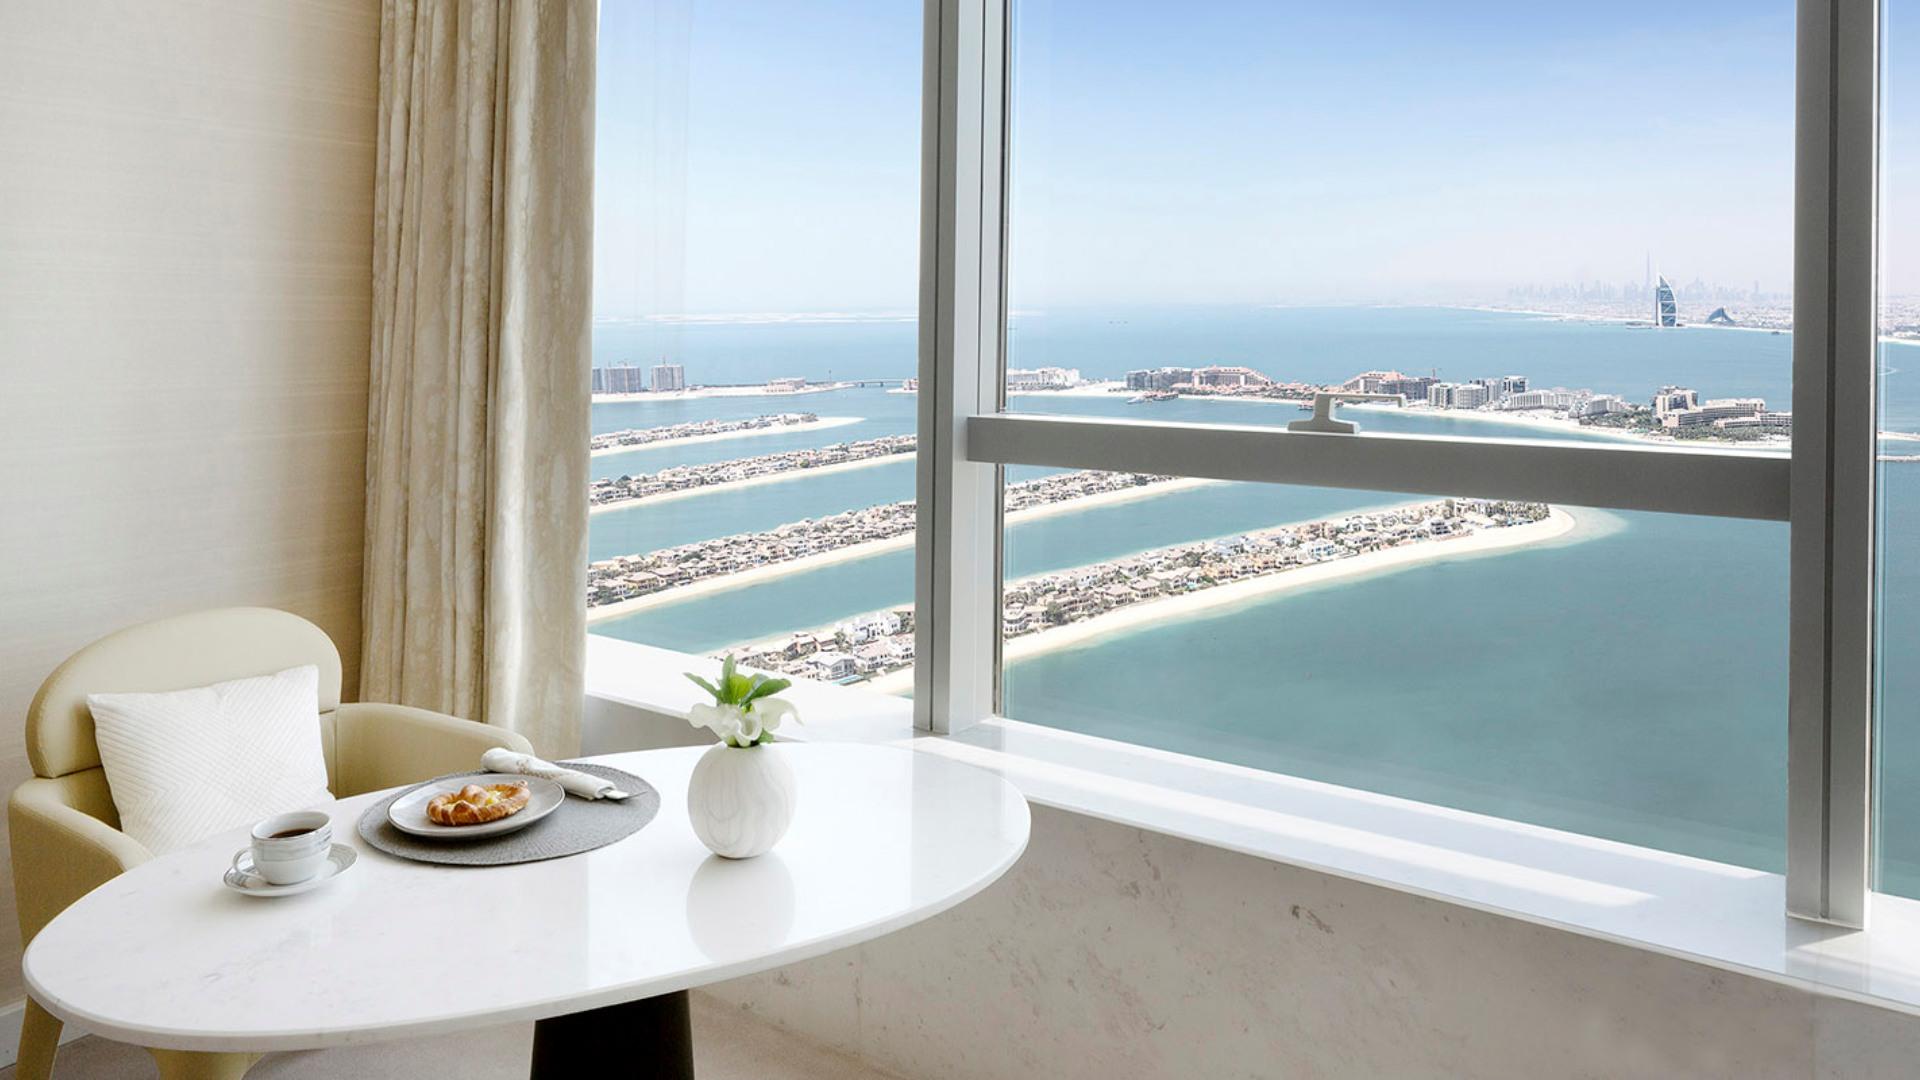 Apartamento en venta en Dubai, EAU, estudio, 49 m2, № 24466 – foto 4